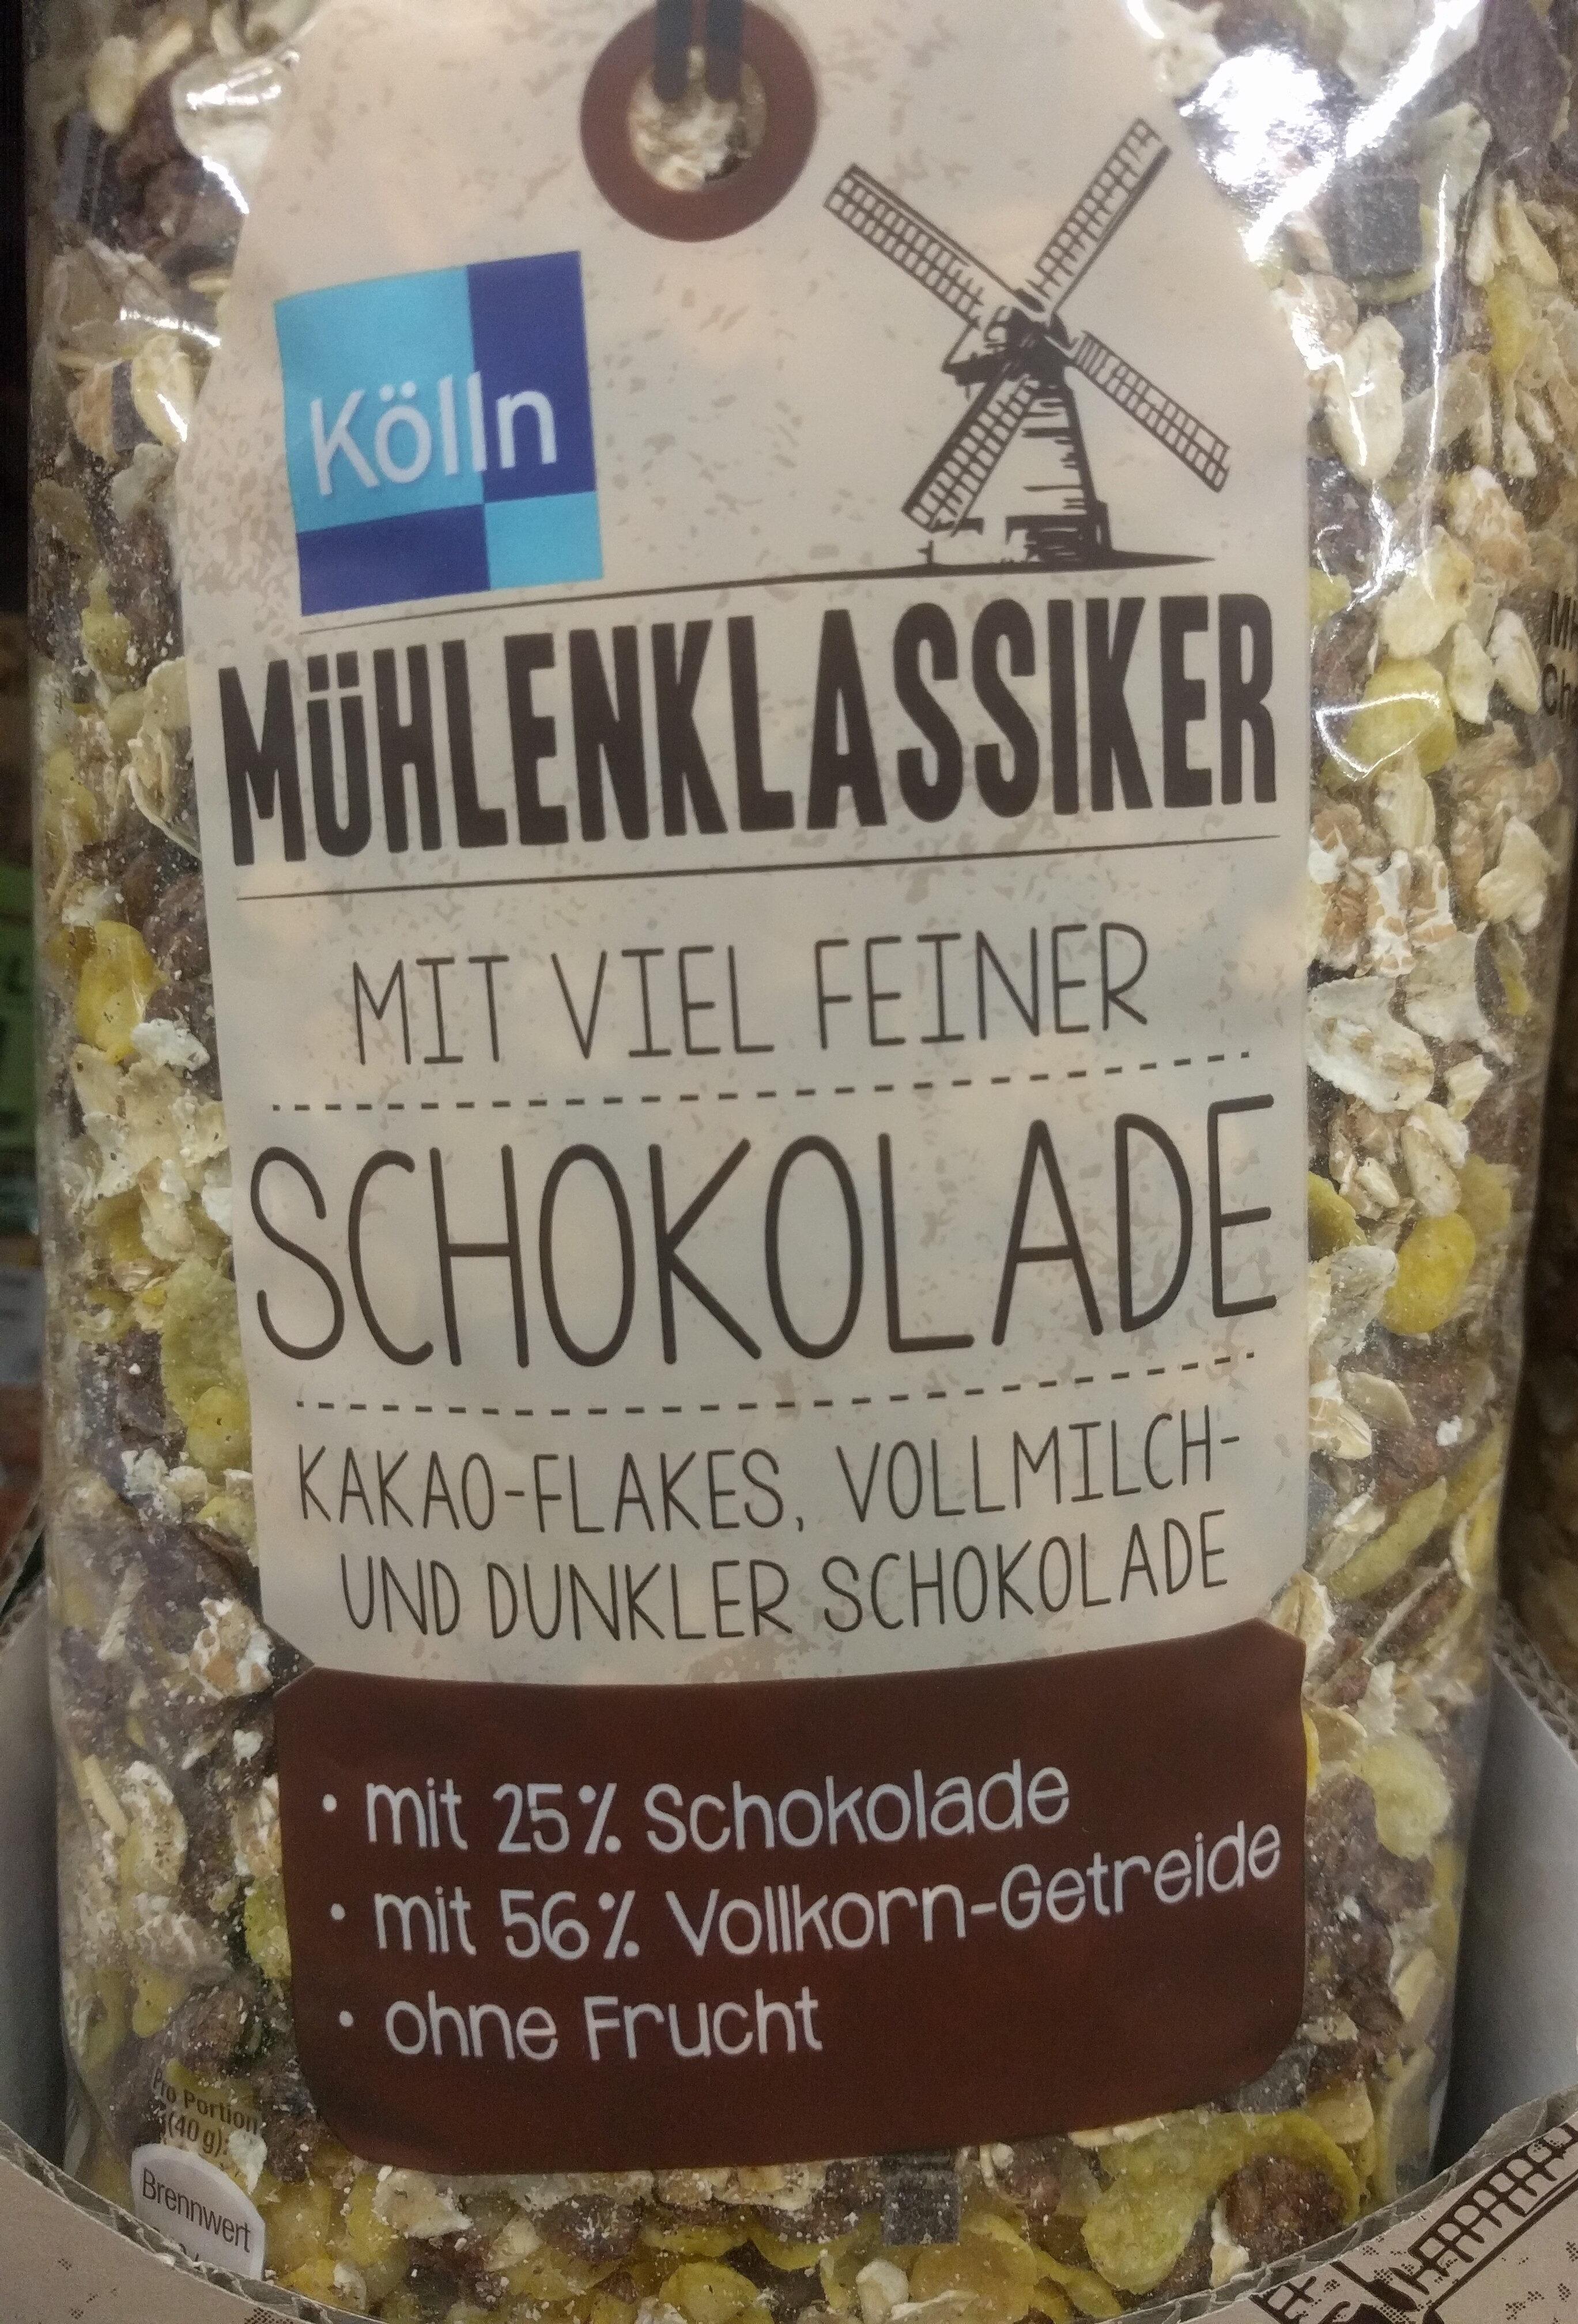 Mühlenklassiker mit viel feiner Schokolade - Product